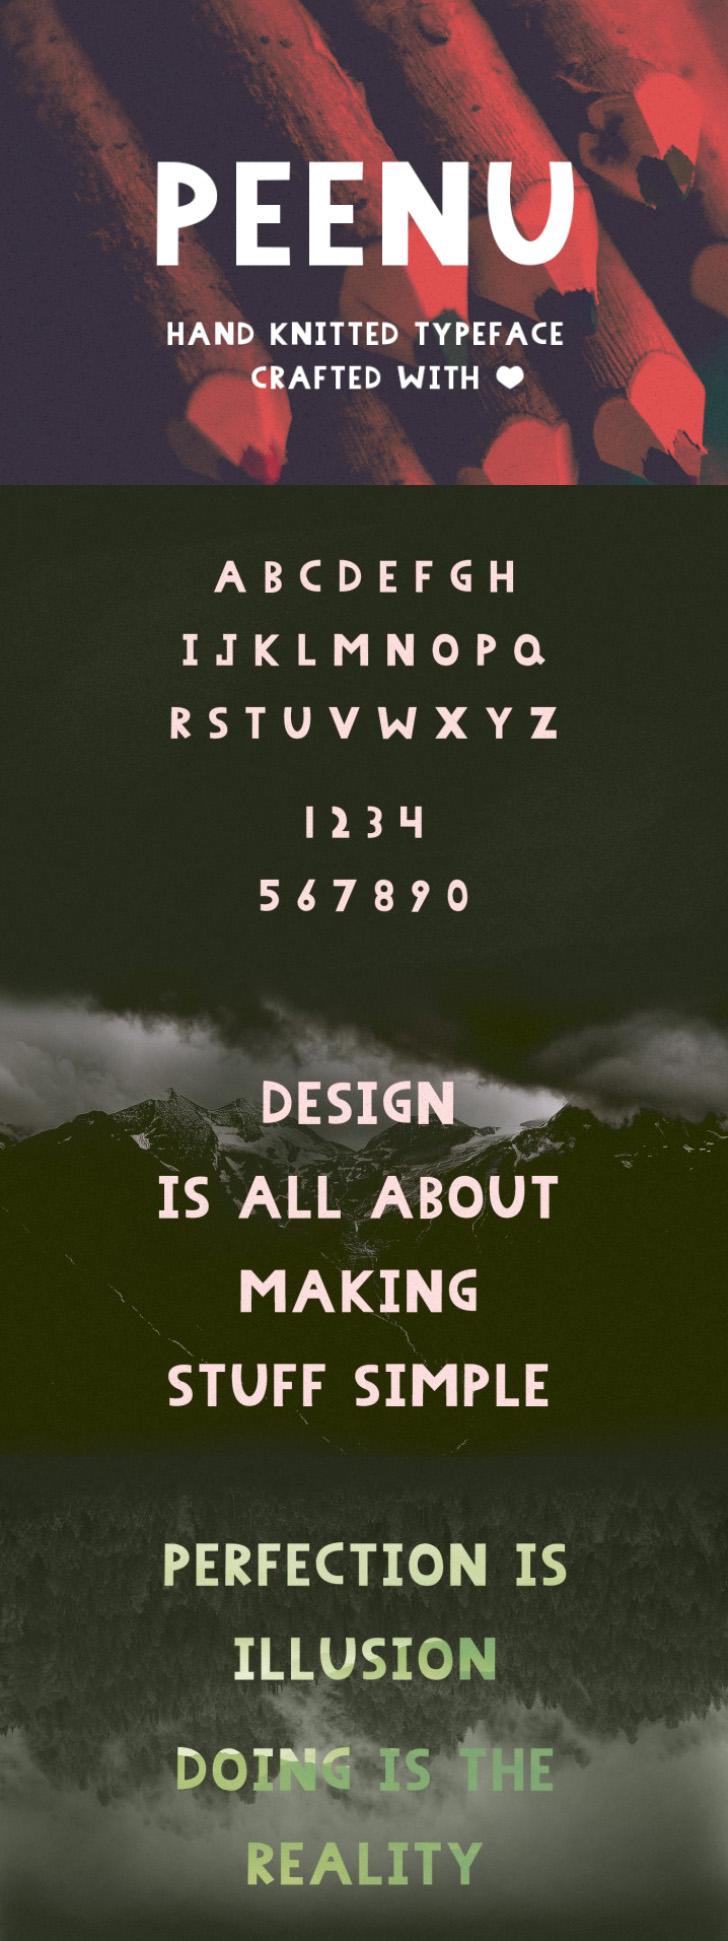 FREE Peenu Font by TheHungryJPEG